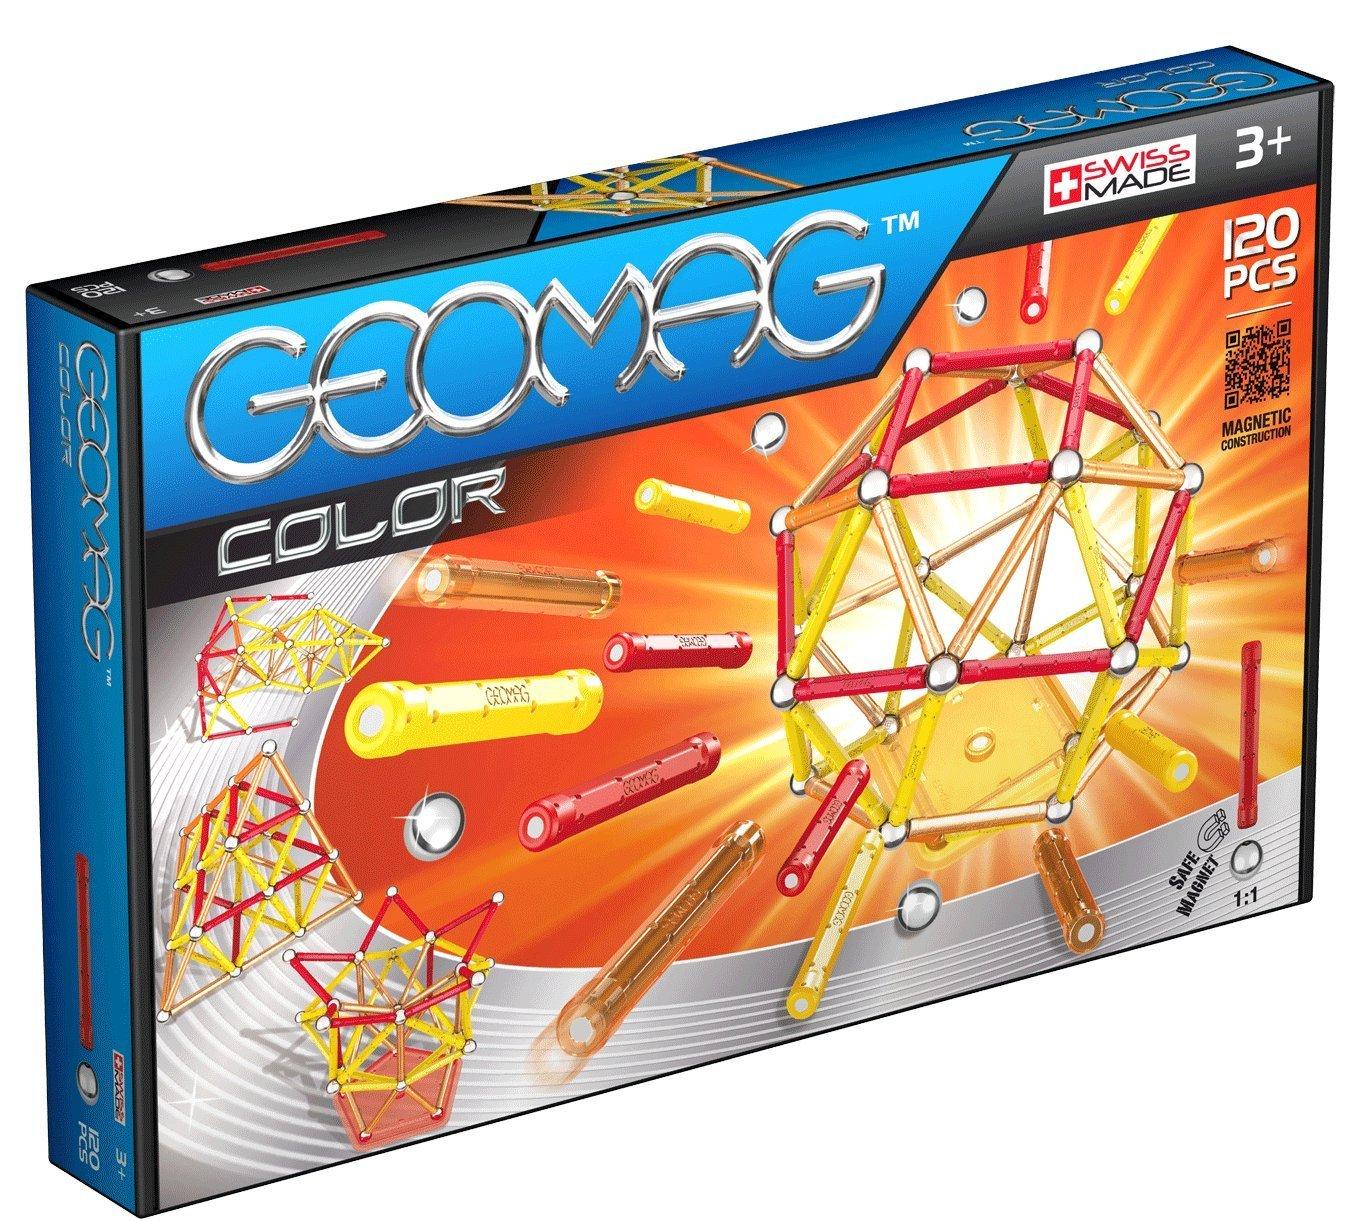 Geomag - Color 120 piezas, juego de construcción (255) barras magnéticas juego de piezas juego educativo